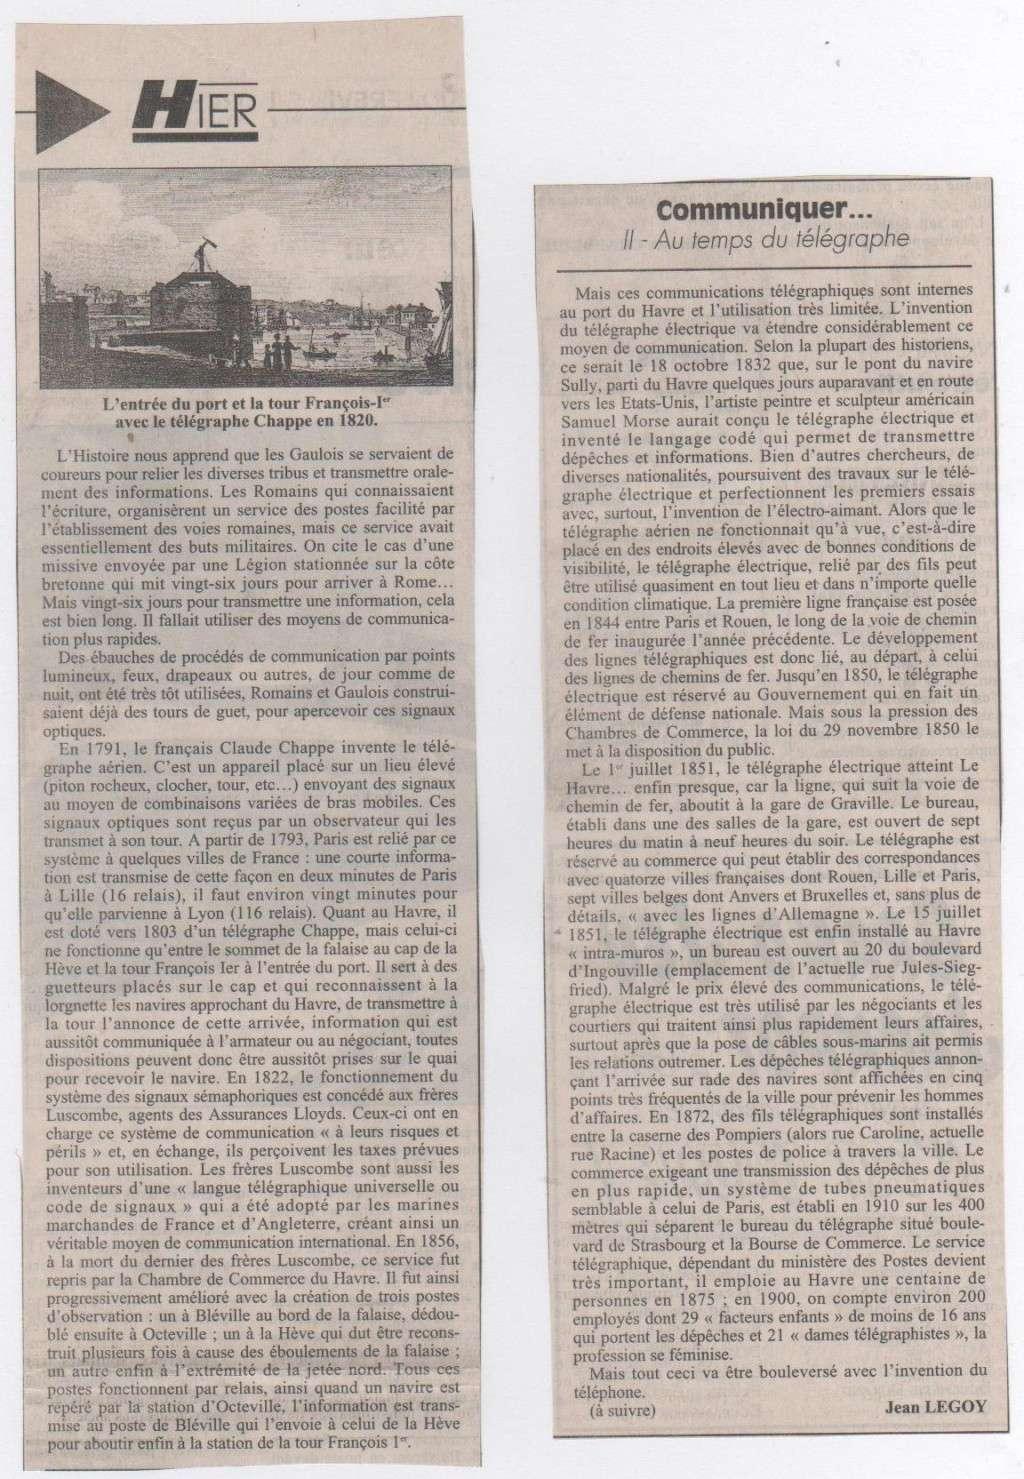 Hier, Le Havre par Jean LEGOY - Page 2 Commun12